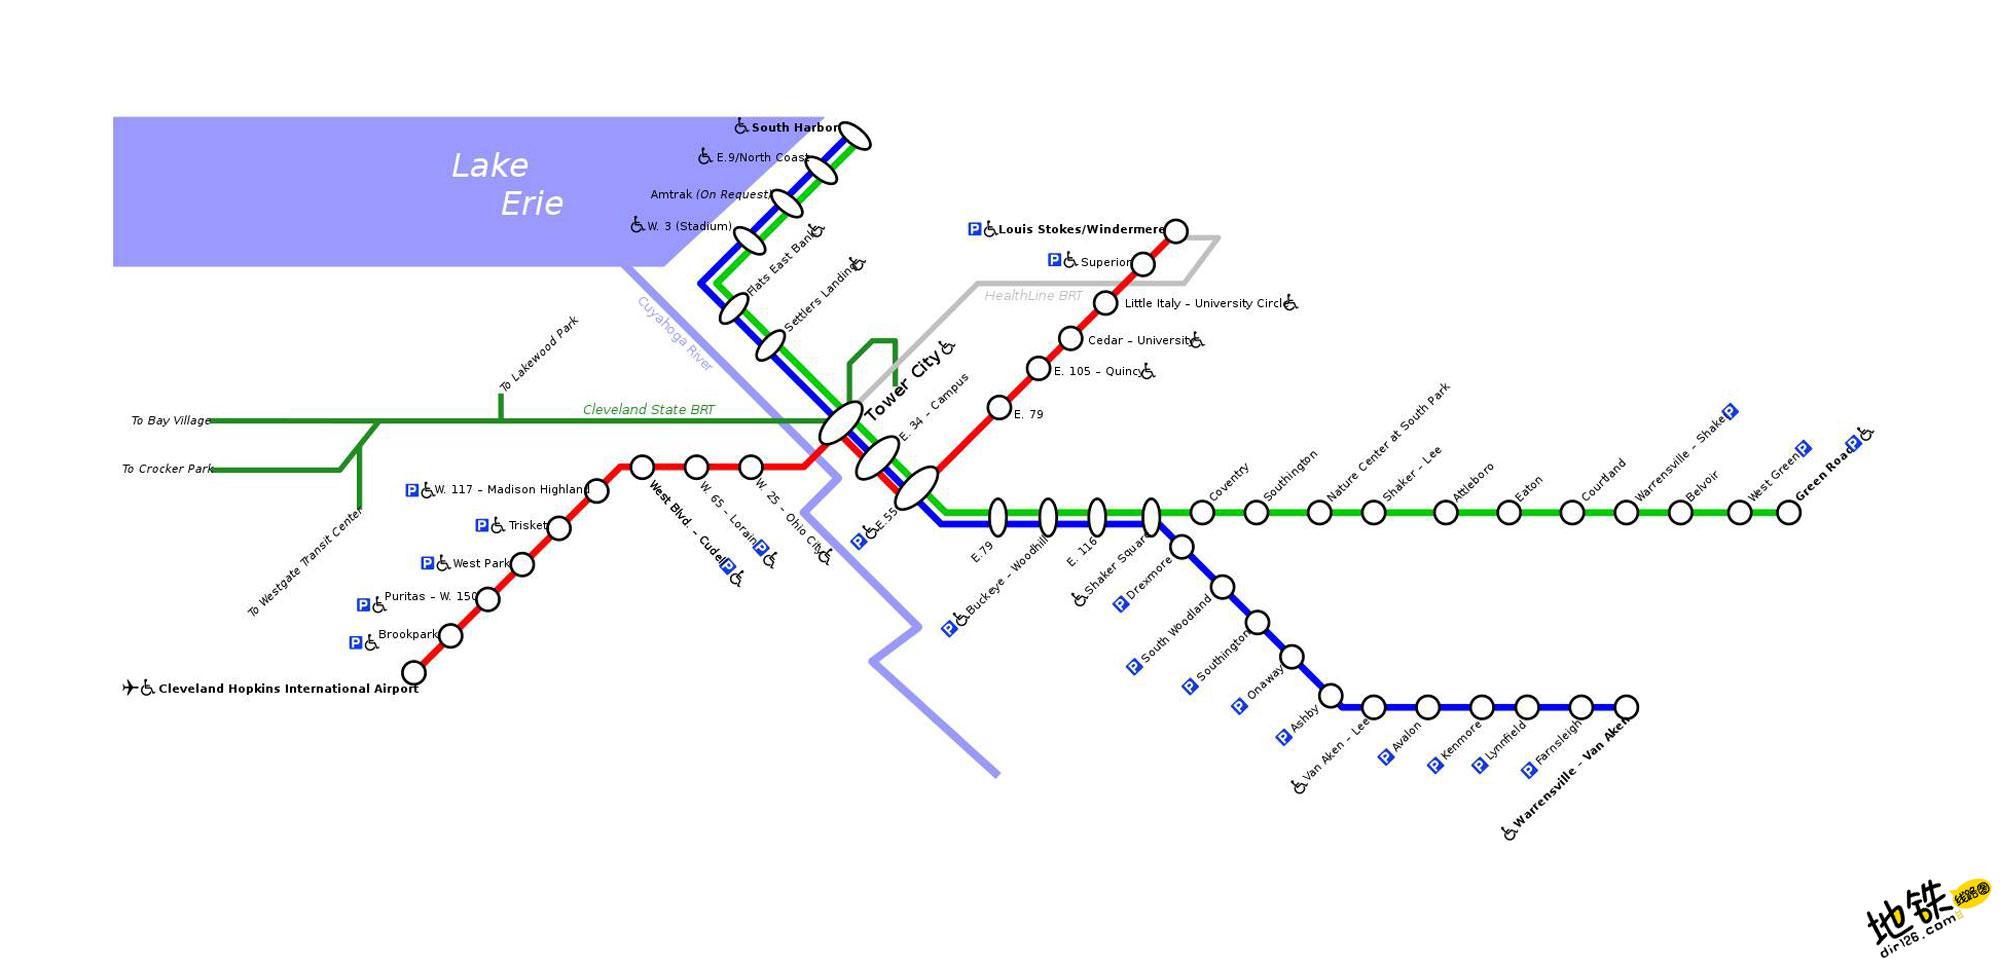 美国克利夫兰地铁线路图 运营时间票价站点 查询下载 克利夫兰地铁票价查询 克利夫兰地铁运营时间 克利夫兰地铁线路图 克利夫兰地铁 美国克利夫兰地铁 美国地铁线路图  第2张